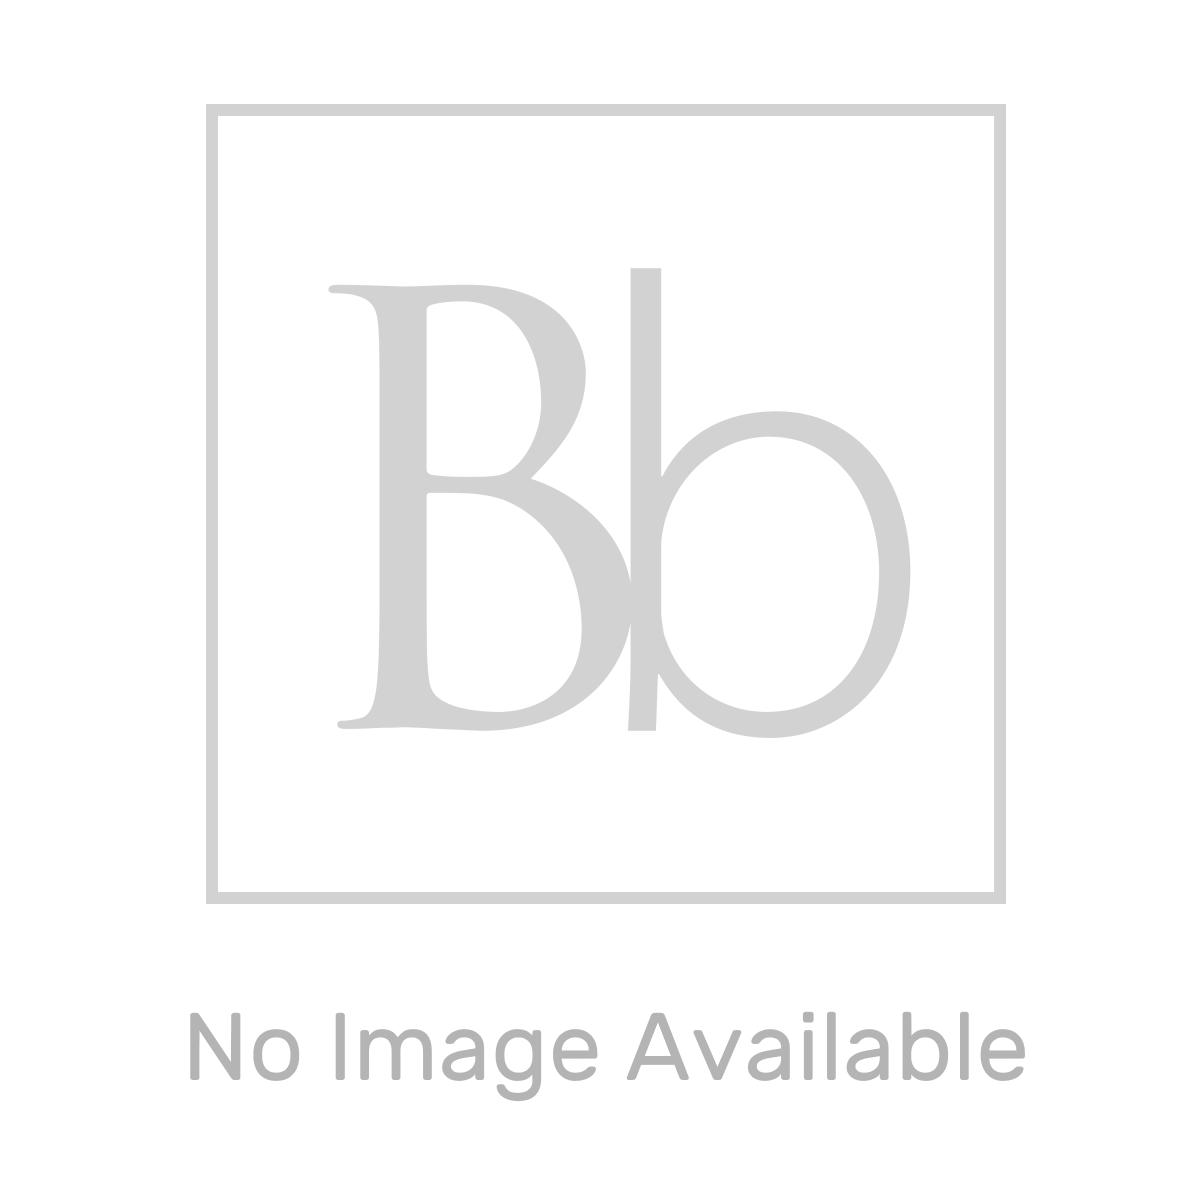 Shower tray seal strip around edge